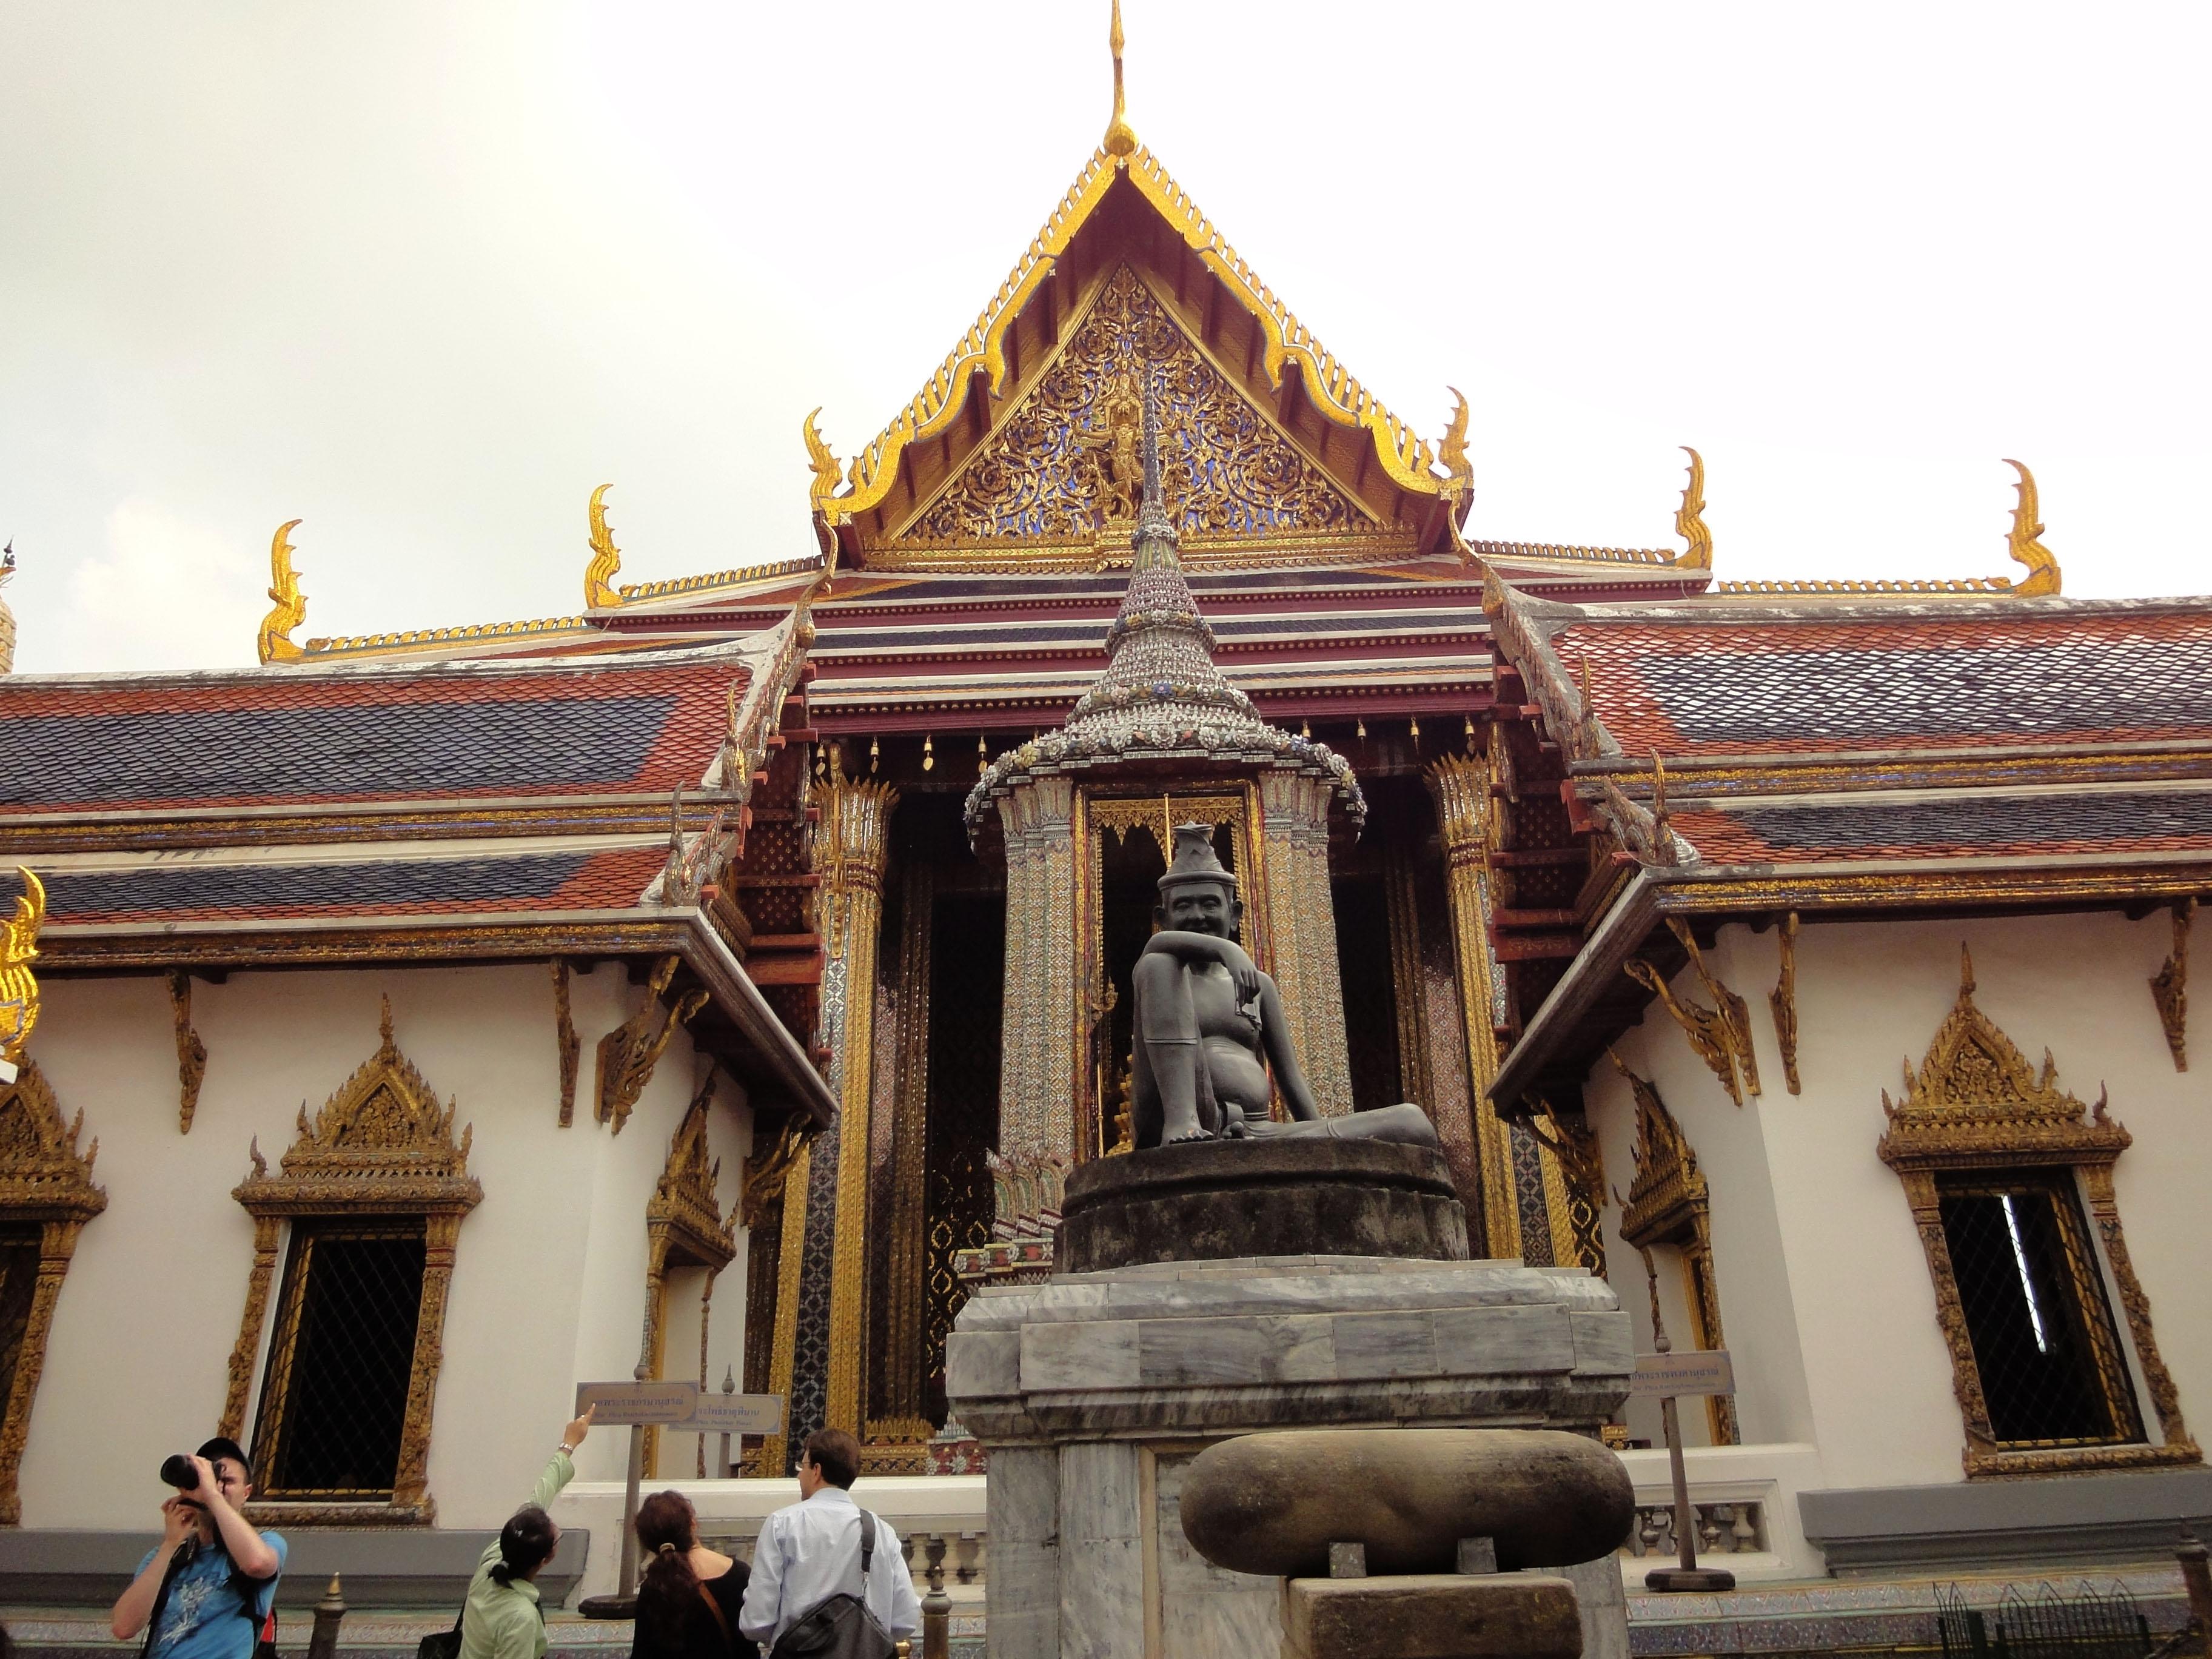 Grand Palace Phra Borom Maha Ratcha Wang Bangkok Thailand 02